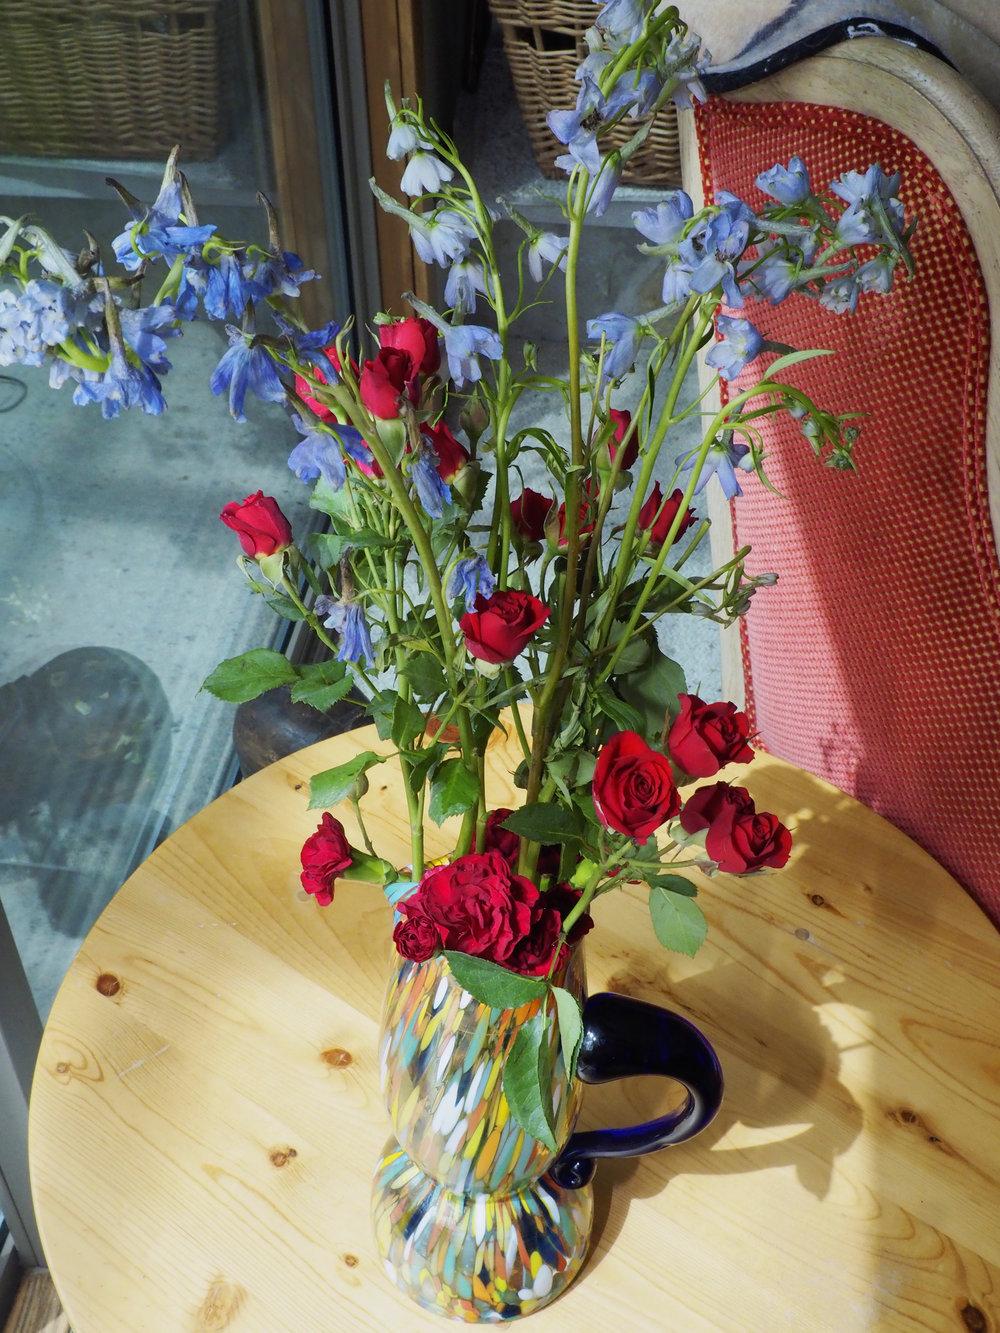 cindi_mixedflowers_spiritedtable_photo1.jpg